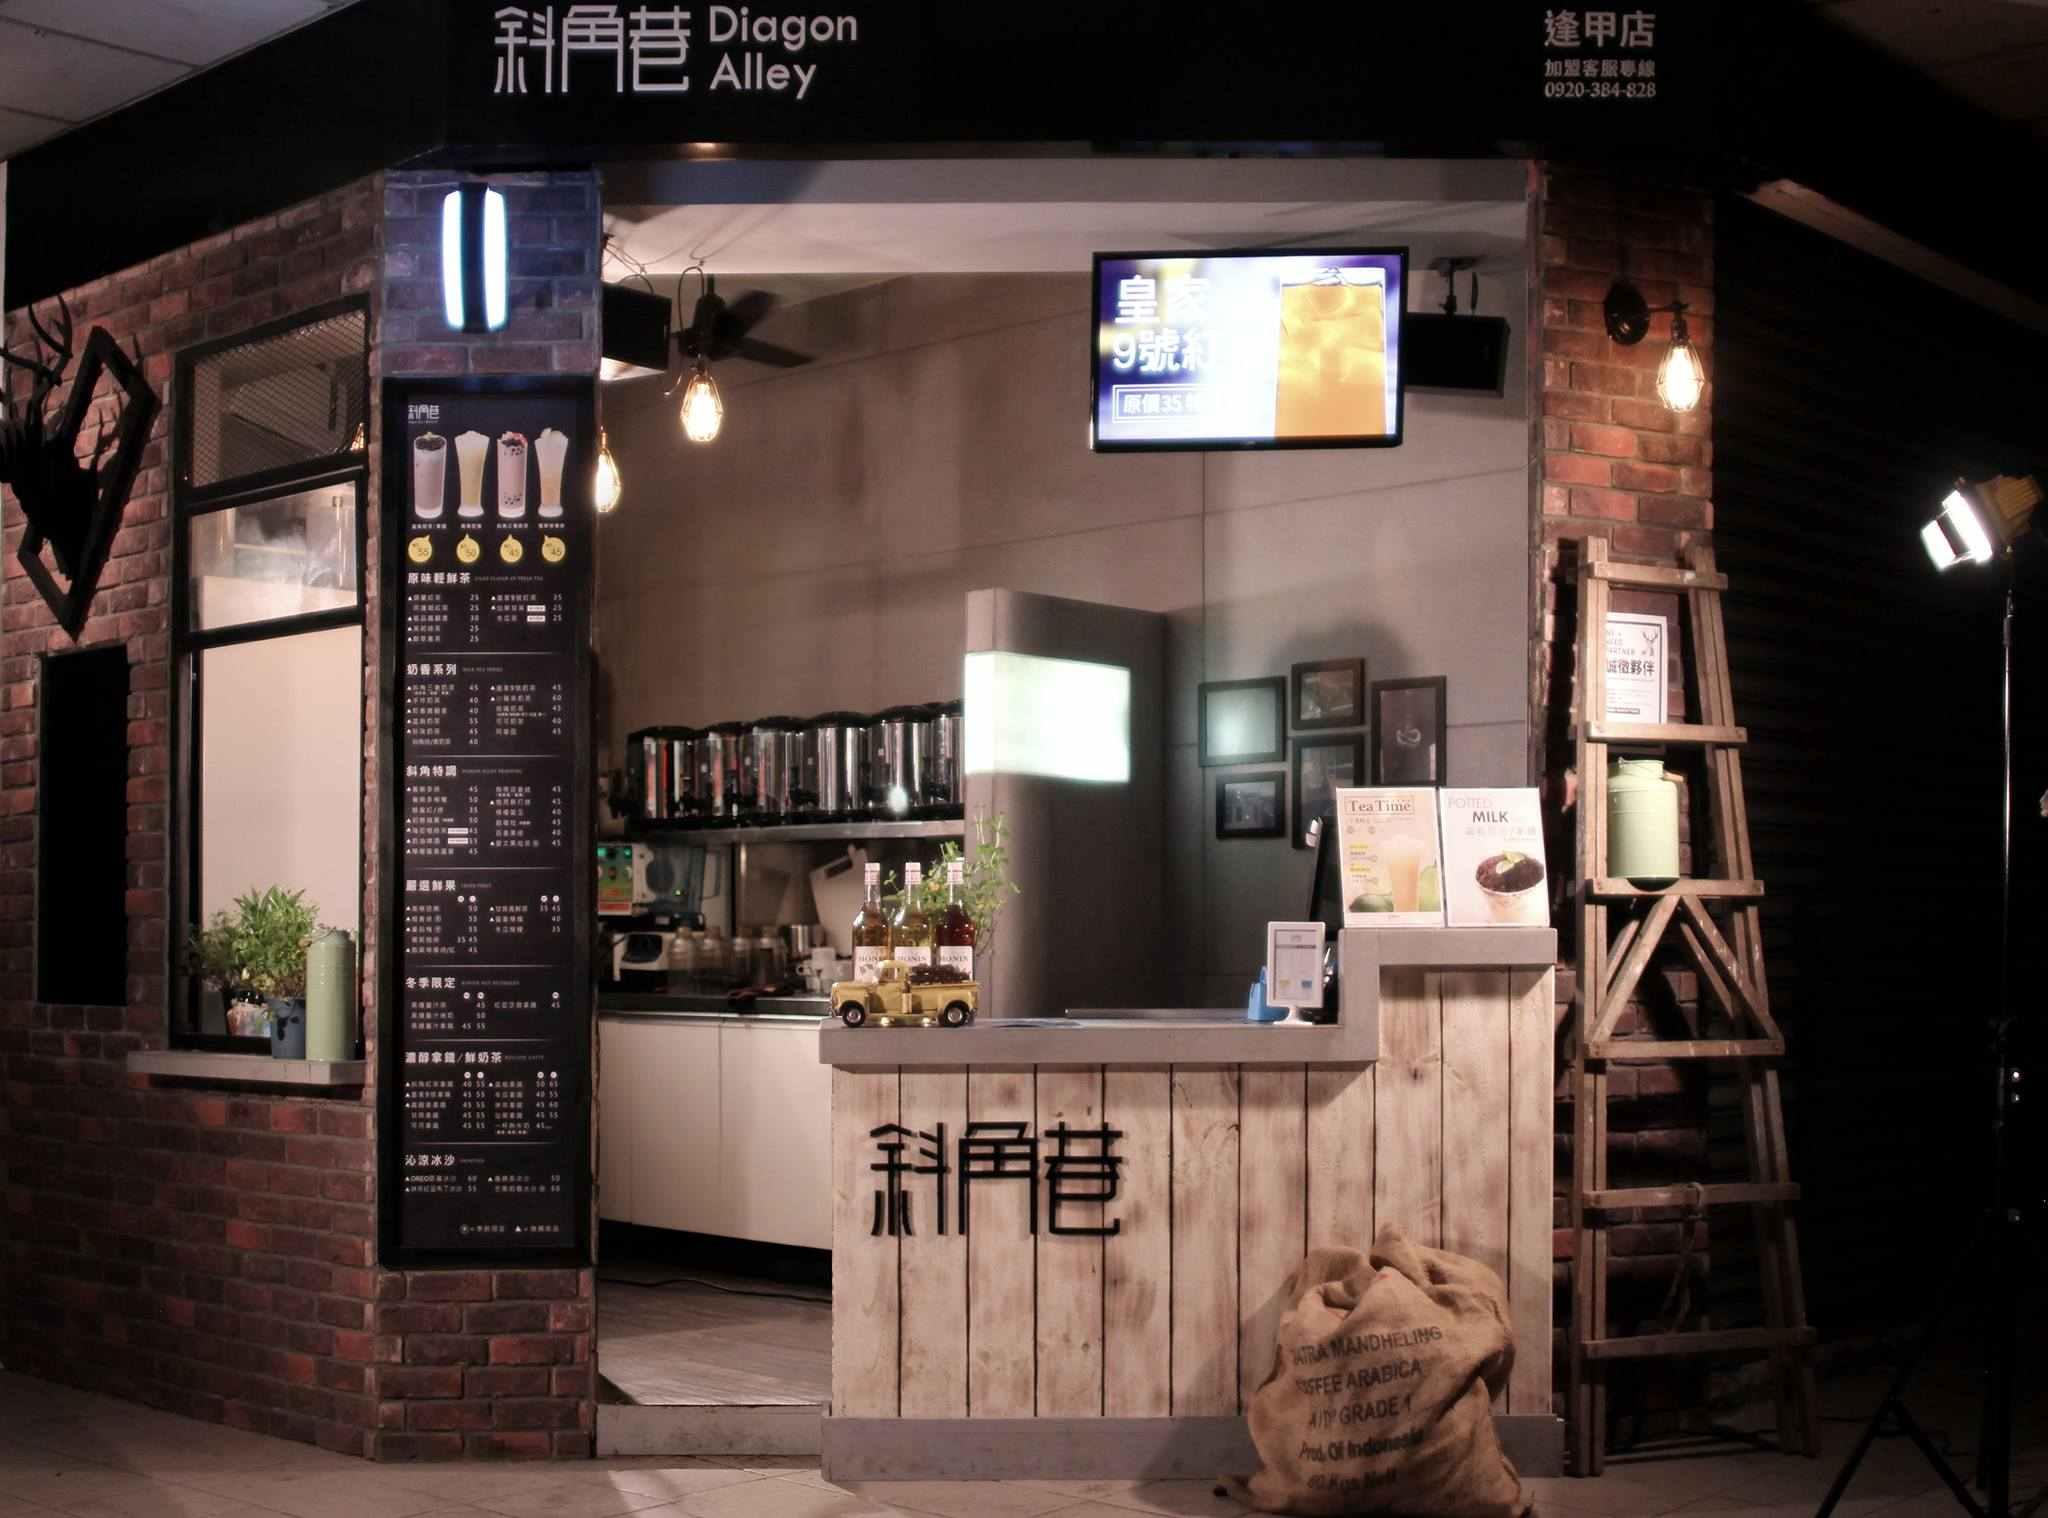 斜角巷可以說是一間相當重視生活美學的連鎖茶飲店,希望透過飲料將更多充滿美學與創意的思維帶入大家的生活